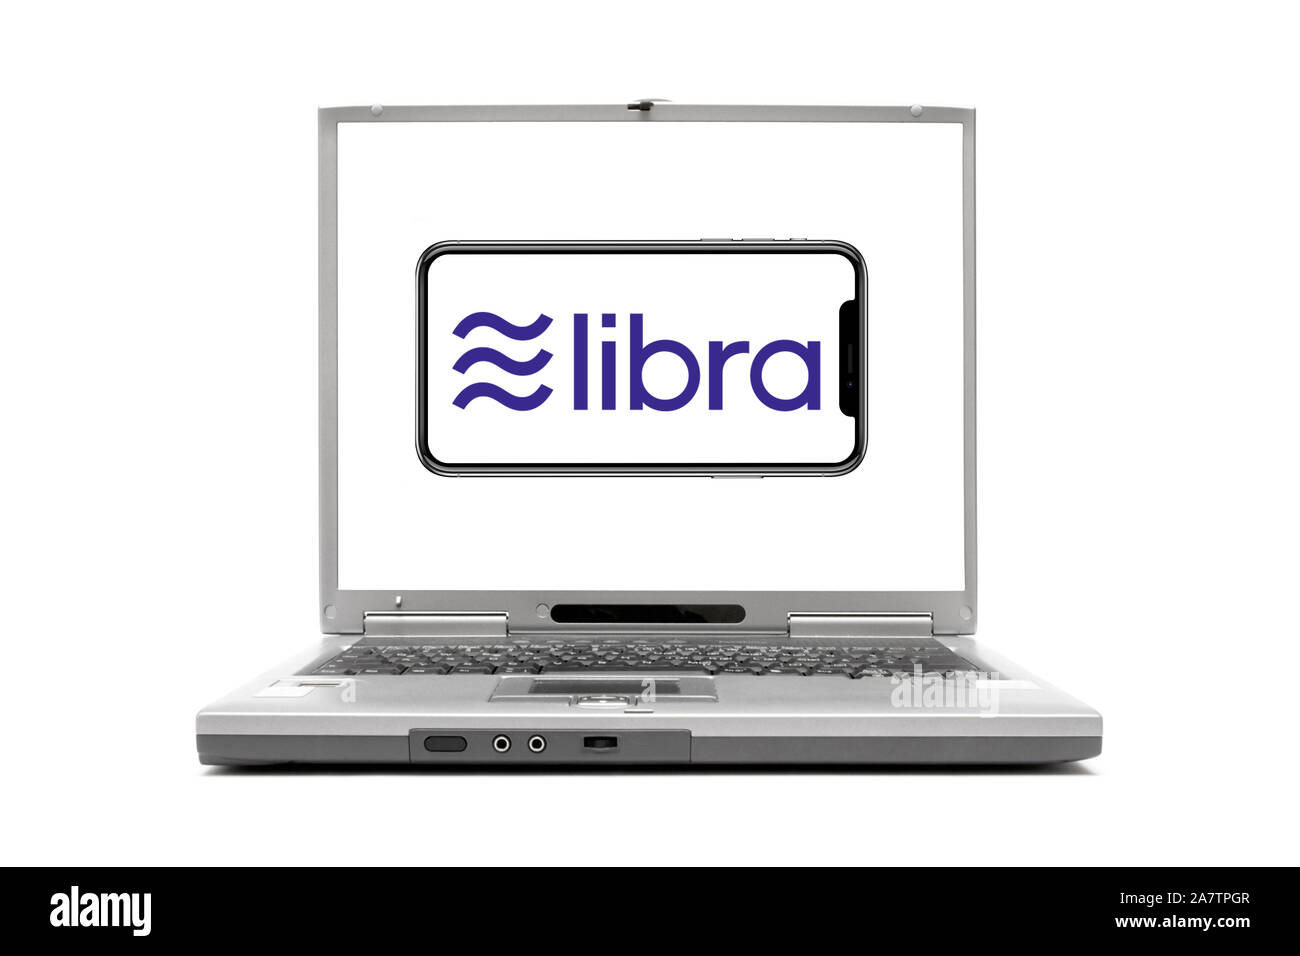 Laptop zeigt Handy mit geplanter Kryptowährung Libra, Facebook, Stock Photo